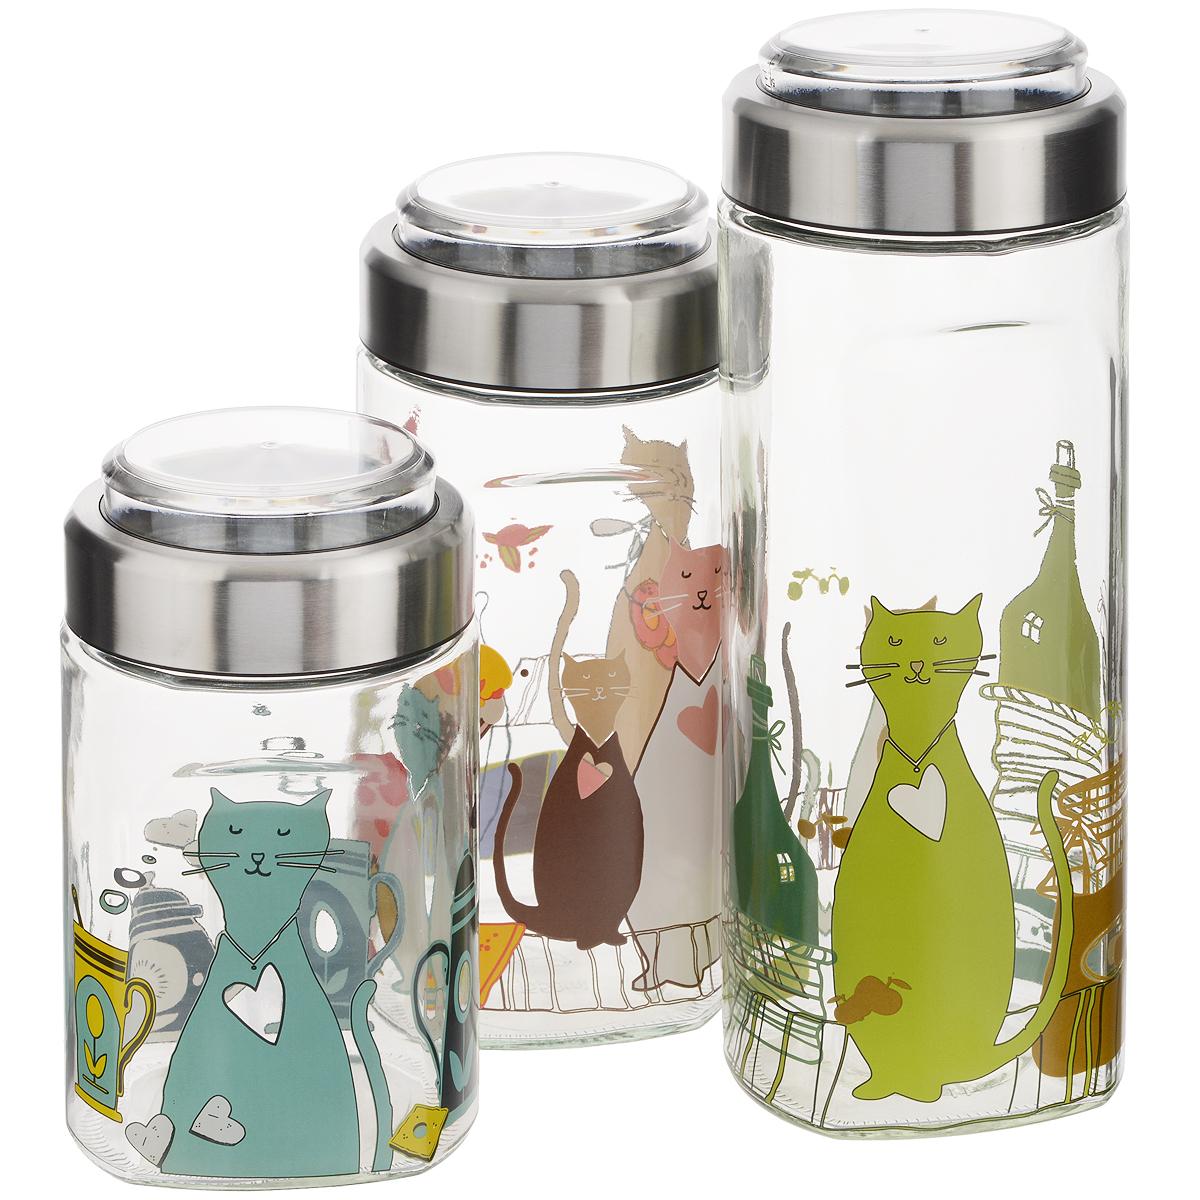 Набор банок для сыпучих продуктов Sinoglass Cats, 3 штSC-FD421004Набор Sinoglass Cats состоит из трех банок разного объема, предназначенных для хранения сыпучих продуктов. Изделия выполнены из высококачественного стекла, украшенного красочной деколью с изображением котов. Банки имеют эргономичную форму и специальные выемки для удобного захвата. Металлические крышки снабжены прозрачными пластиковыми емкостями с мерной шкалой до 200 мл, которые легко вынимаются и могут быть использованы как мерные стаканы. Между емкостью и крышкой имеется силиконовая прослойка, которая создает внутри вакуум и позволяет продуктам дольше оставаться свежими, а также предотвращает попадание влаги. Банки идеальны для хранения круп, спагетти, чая, кофе, сахара, орехов и других сыпучих продуктов. Благодаря прозрачным стенкам, можно видеть содержимое банок. Такой набор стильно дополнит интерьер кухни и станет незаменимым помощником в приготовлении ваших любимых блюд.Объем: 1150 мл; 1550 мл; 2000 мл. Высота банок (с крышками): 19 см; 26 см; 30 см. Диаметр банок (по верхнему краю): 11 см.